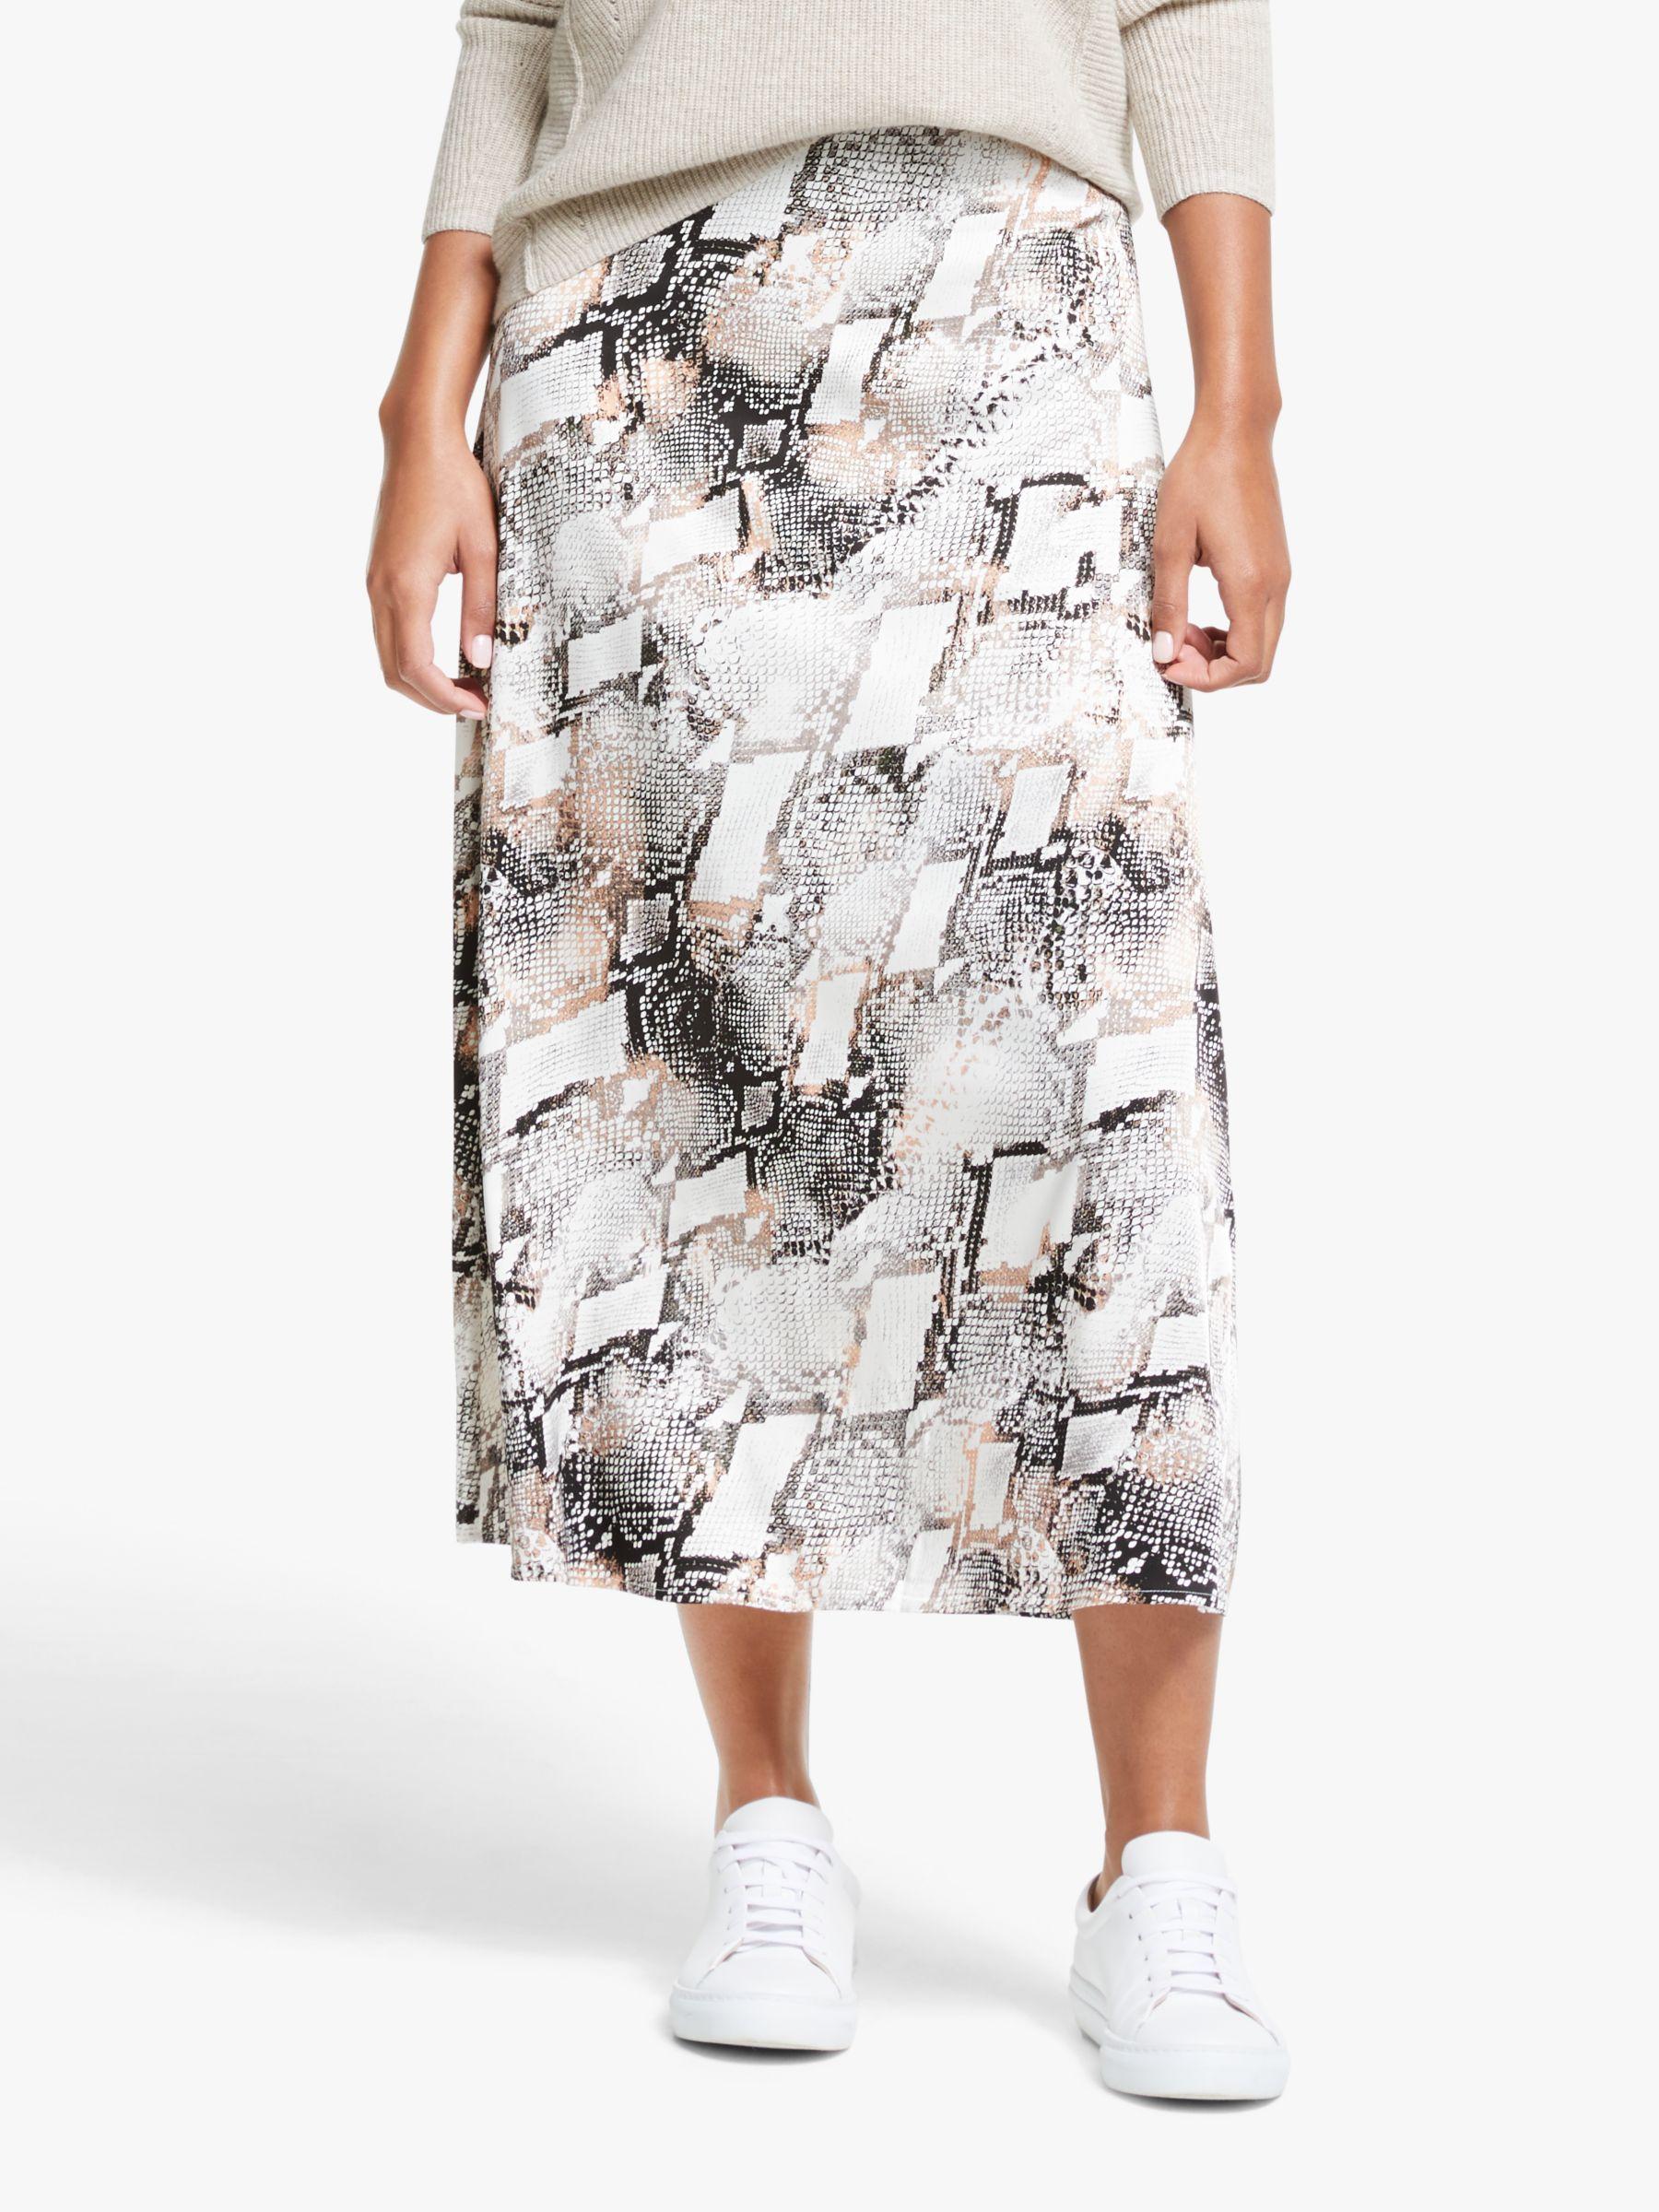 Gestuz Gestuz Baran Print Skirt, Powder Snake